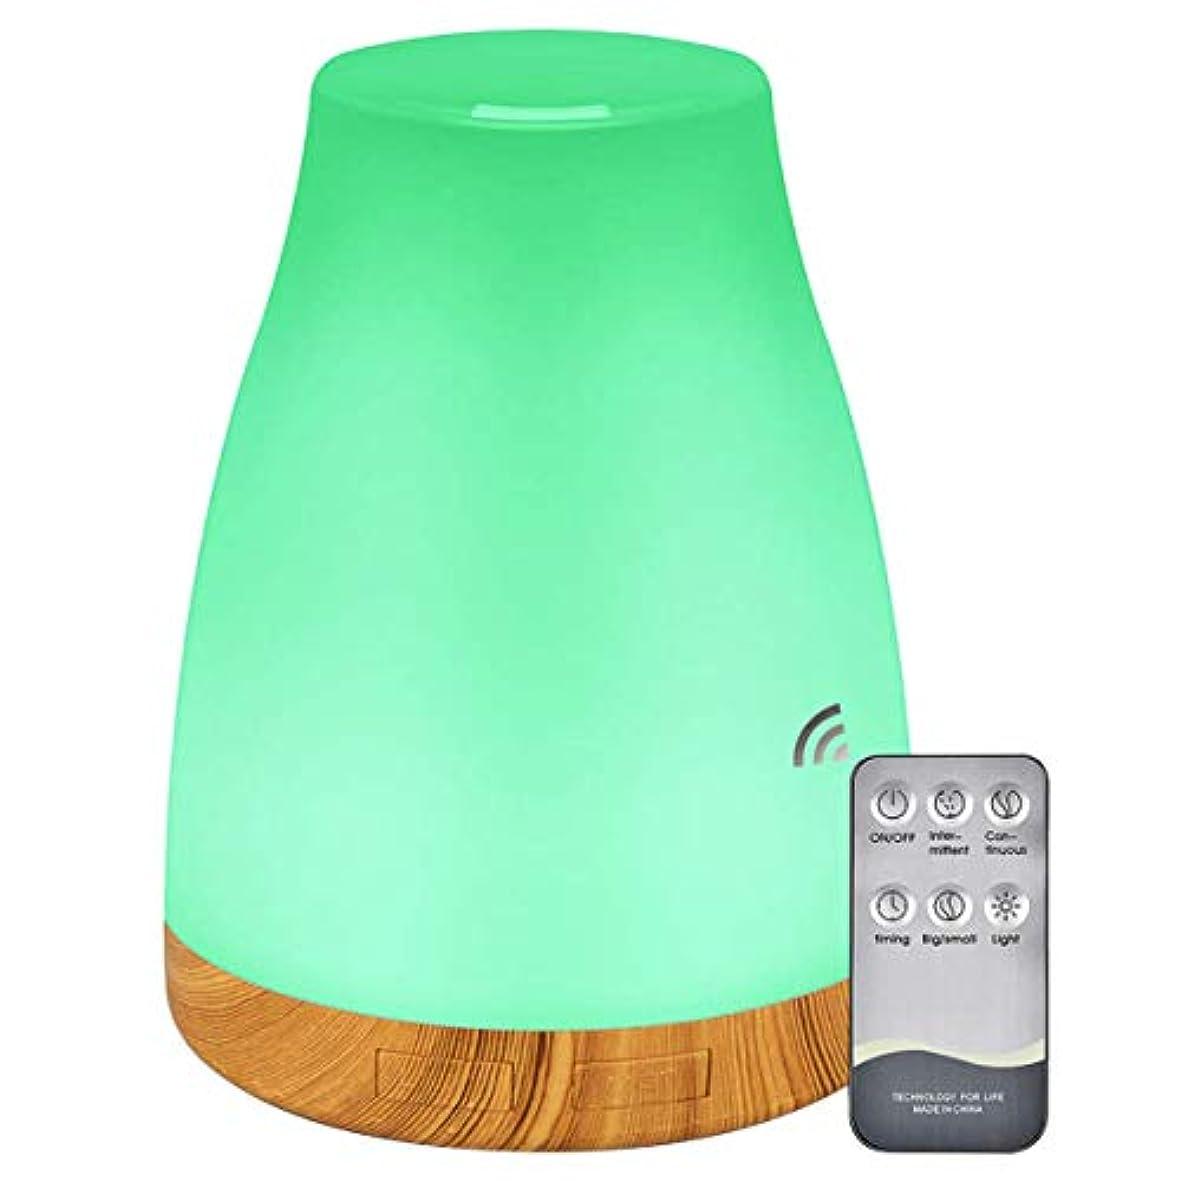 お気に入り発表レインコートHealifty 300ミリリットルエッセンシャルオイルディフューザーリモートコントロール木製穀物ledボトル形状アロマディフューザー加湿器用ヨガルーム寝室オフィス